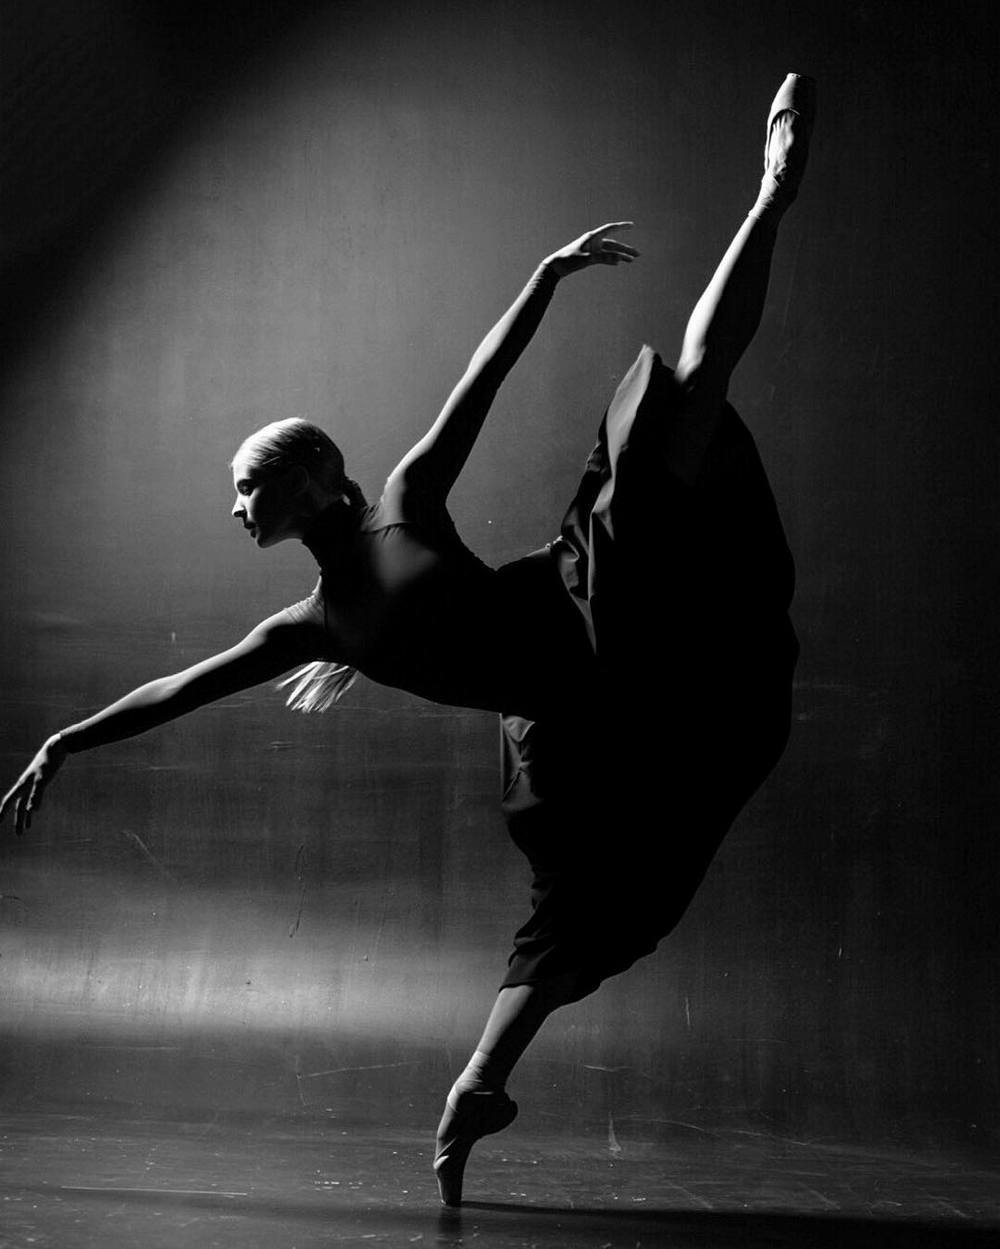 Красивые картинки танцоров